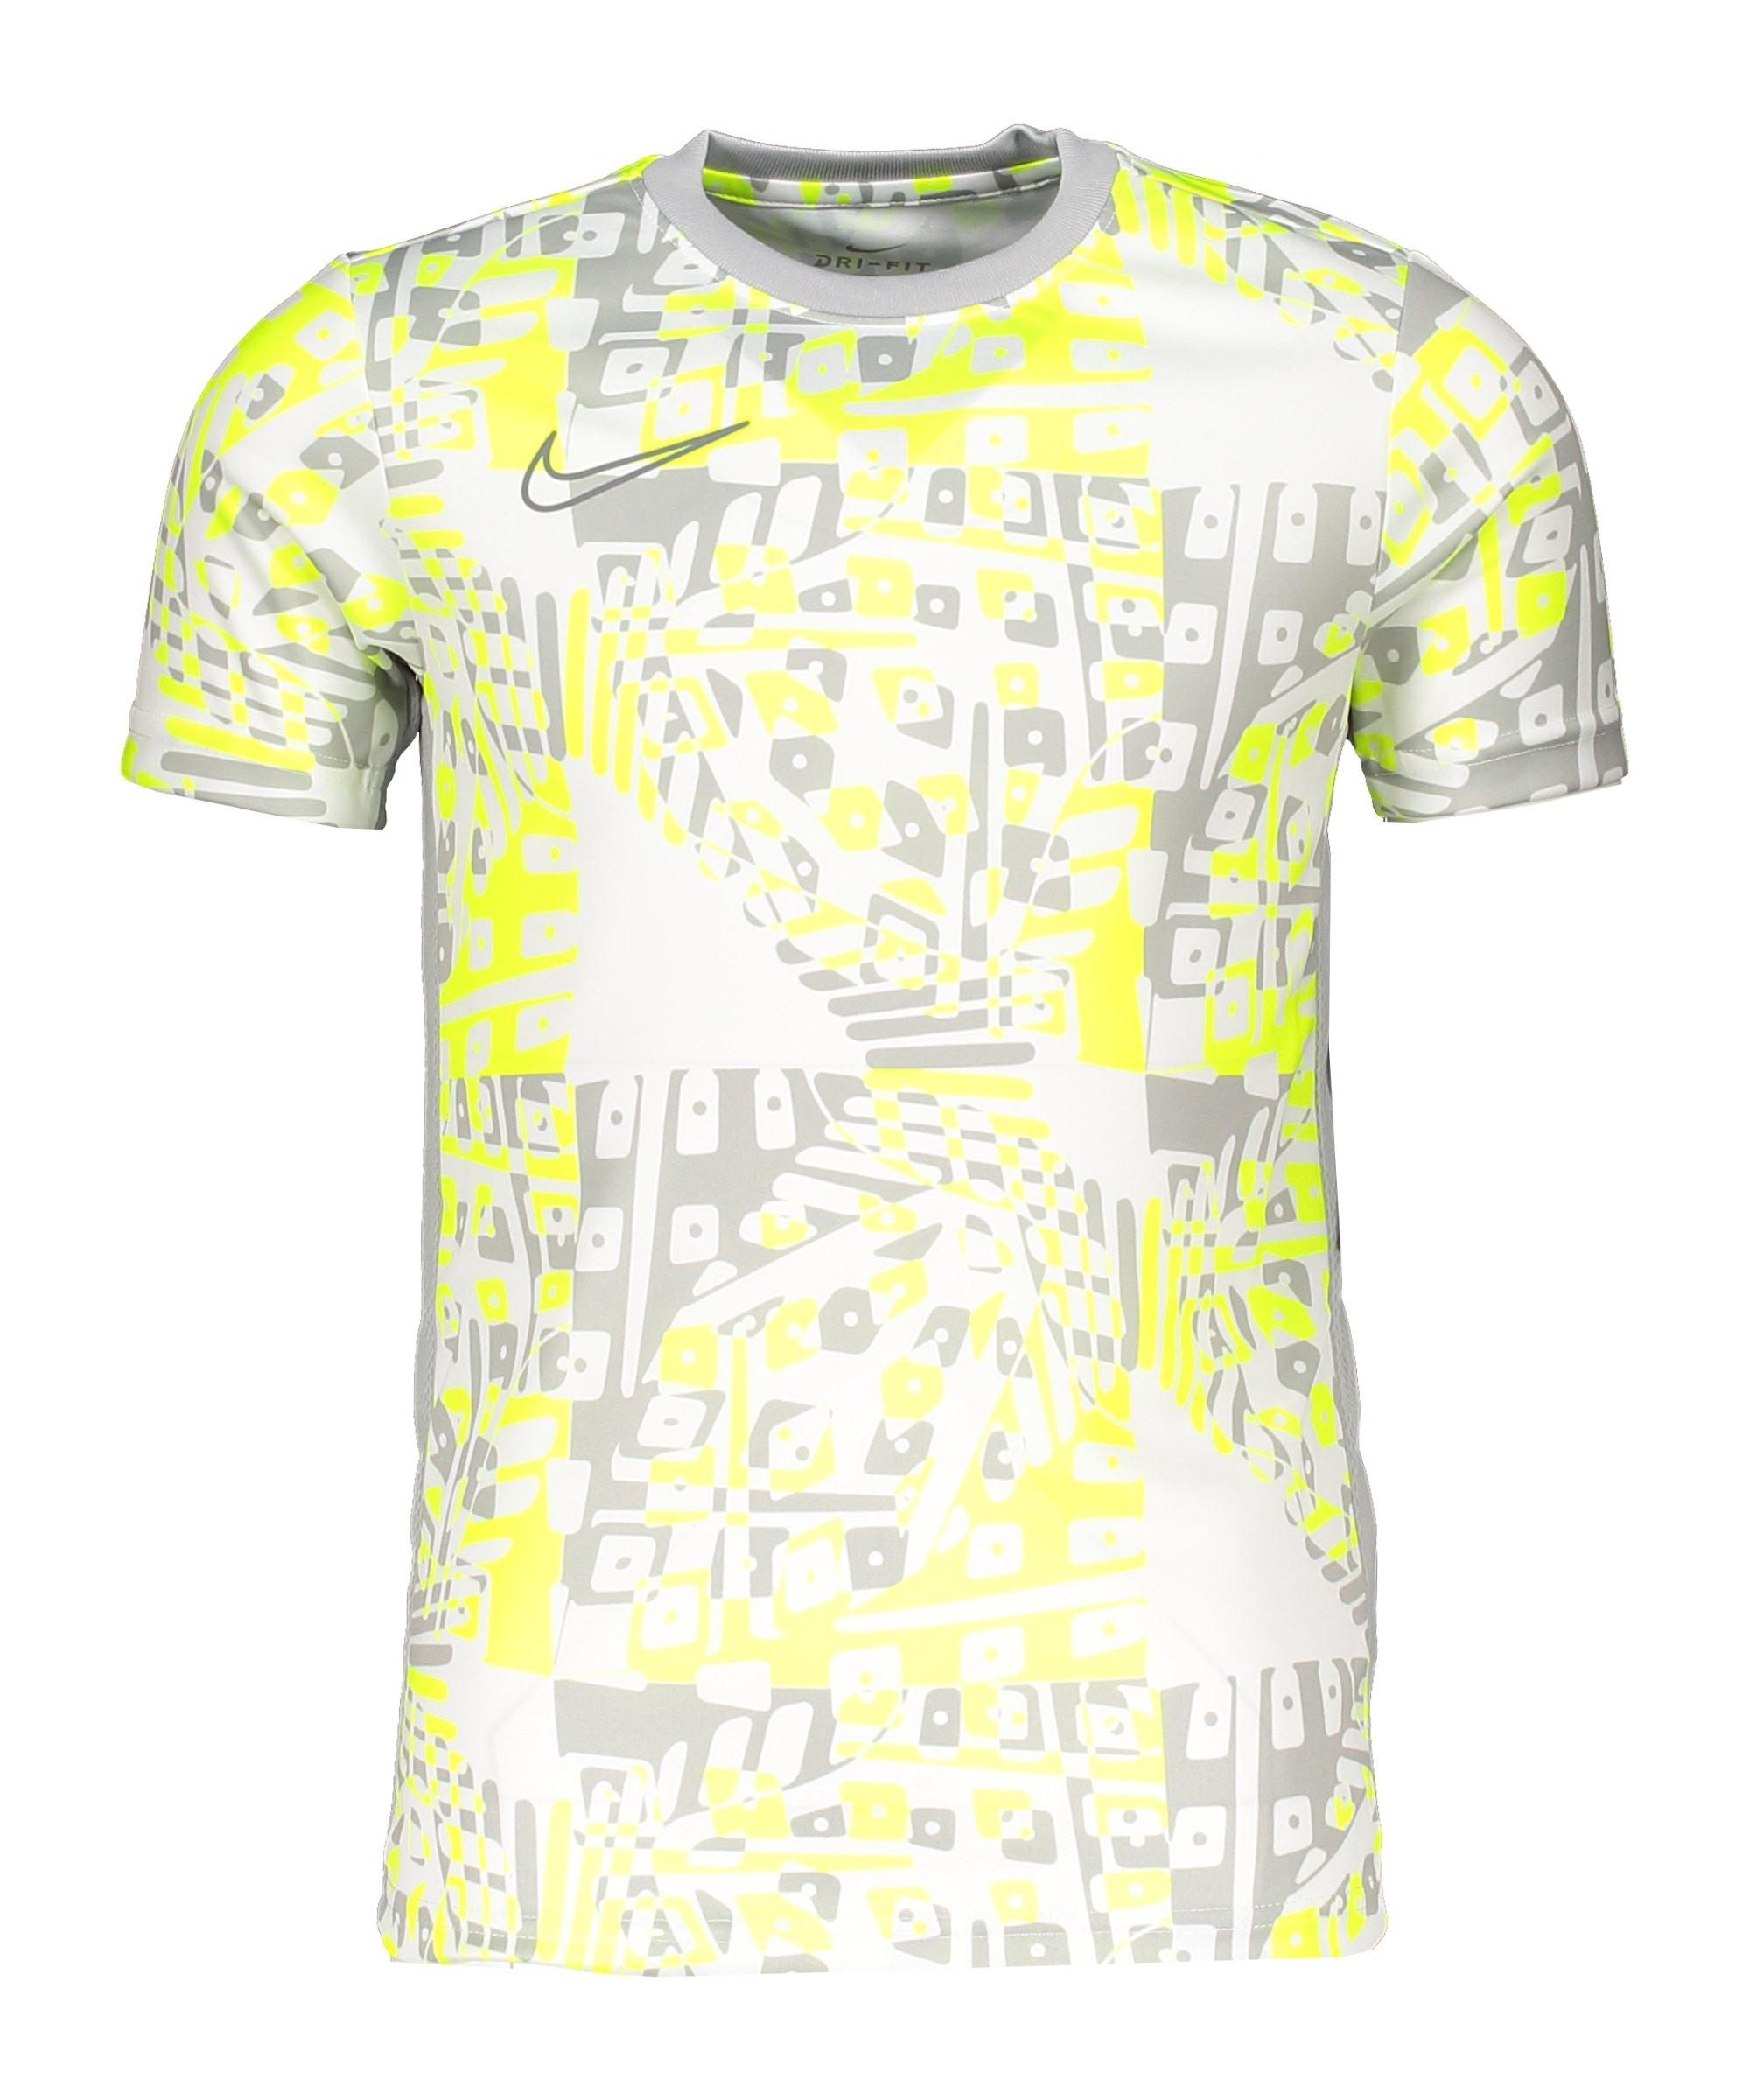 Nike Dry Academy Top T-Shirt Kids Weiss F100 - weiss